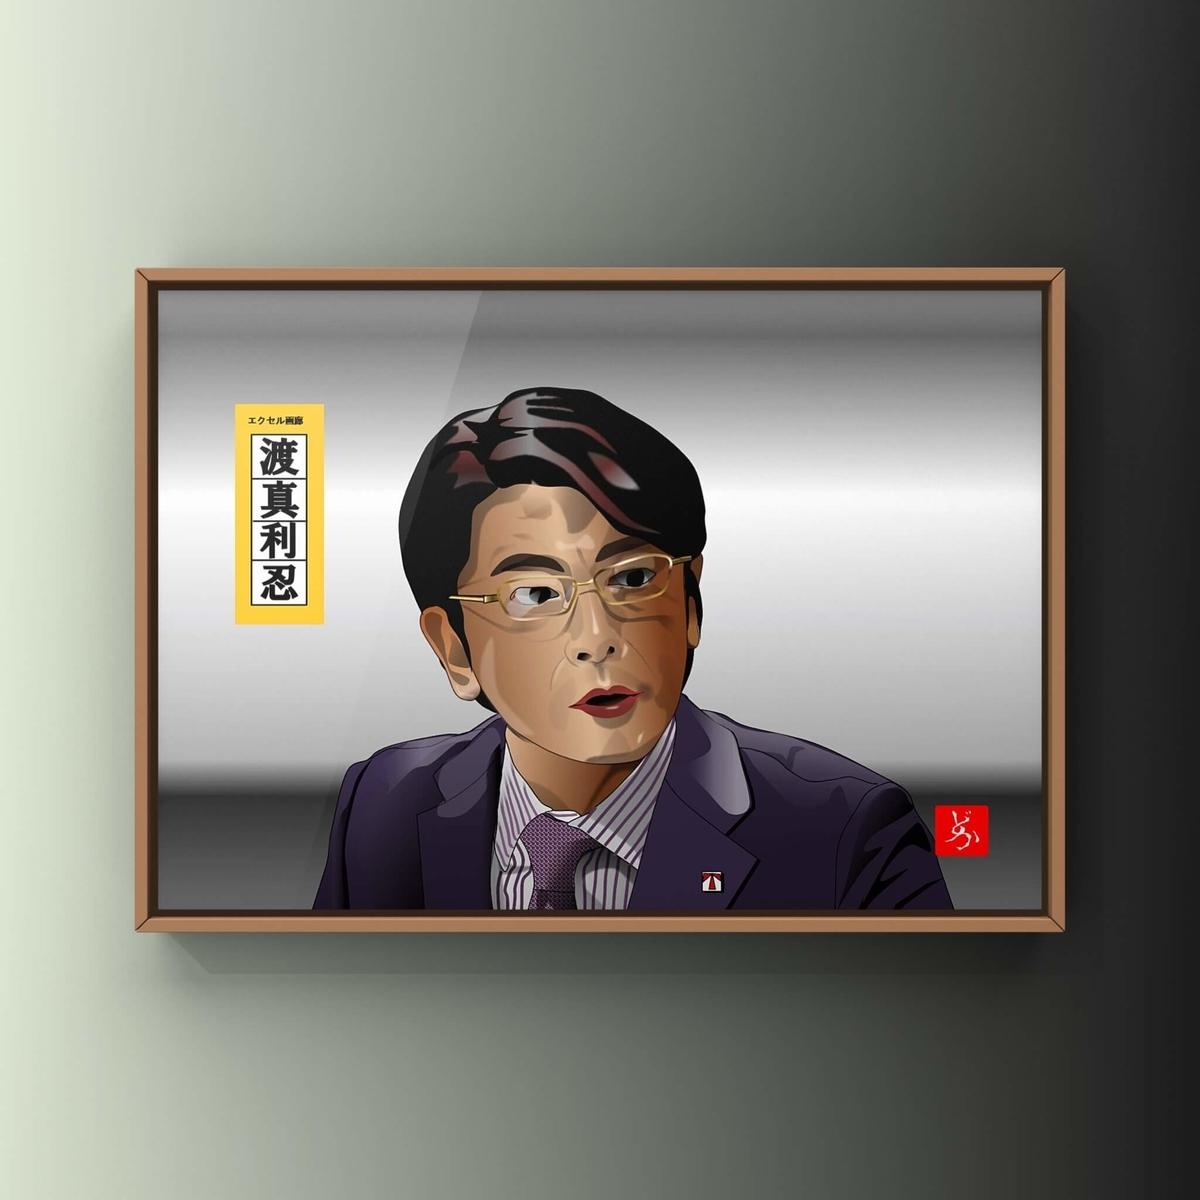 半沢直樹の同期、渡真利@及川光博のエクセル画イラスト額装版